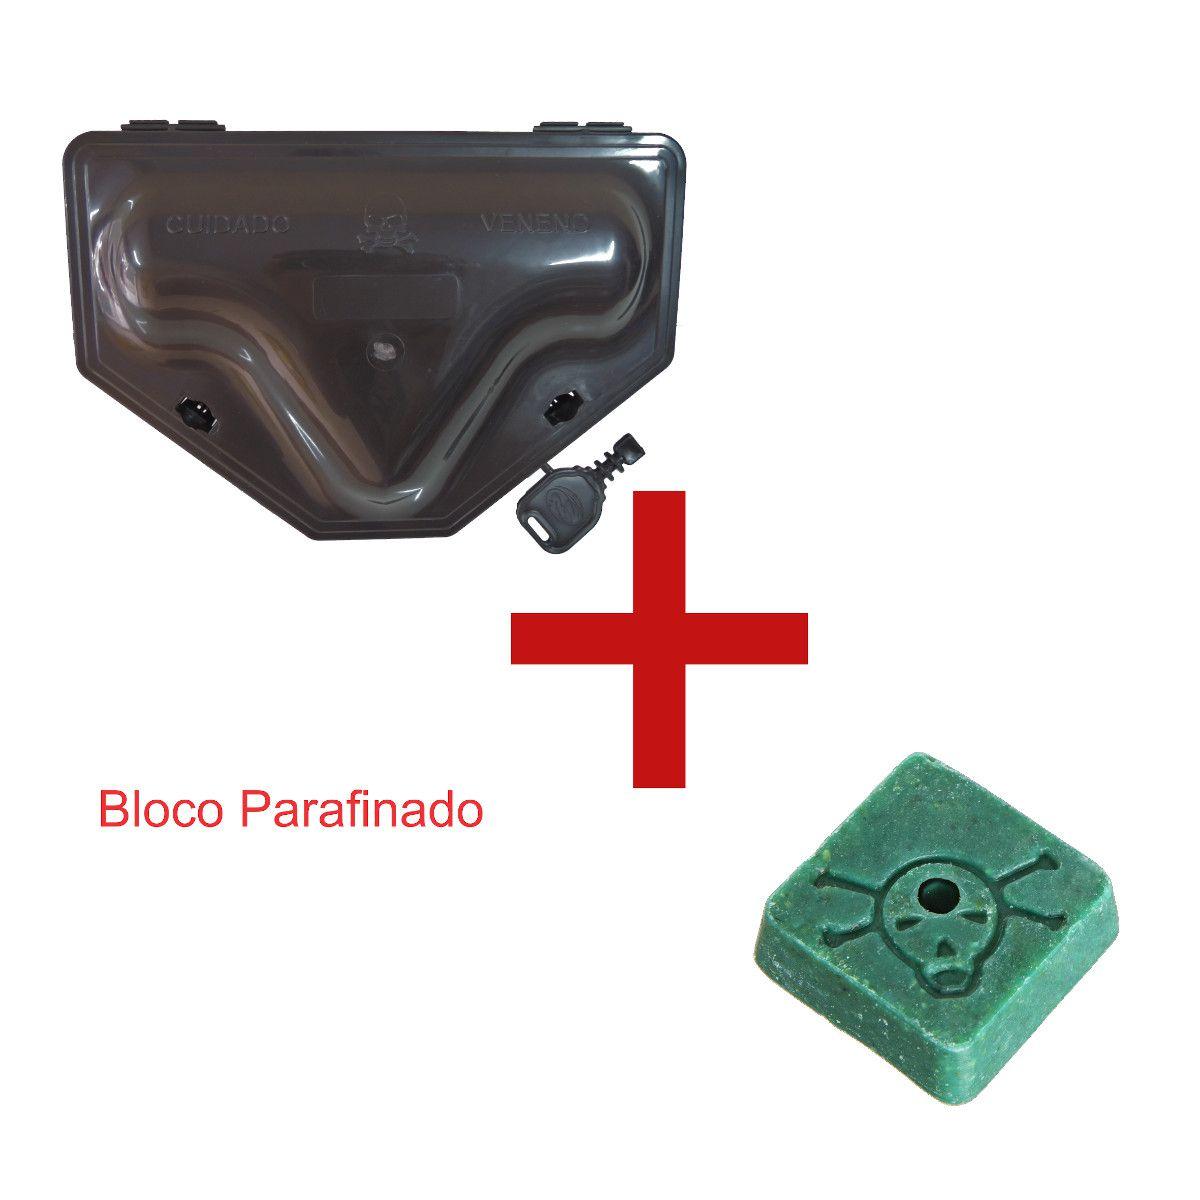 6 Porta Iscas C/ Duplo Travamento + 6 Bloco Parafinado